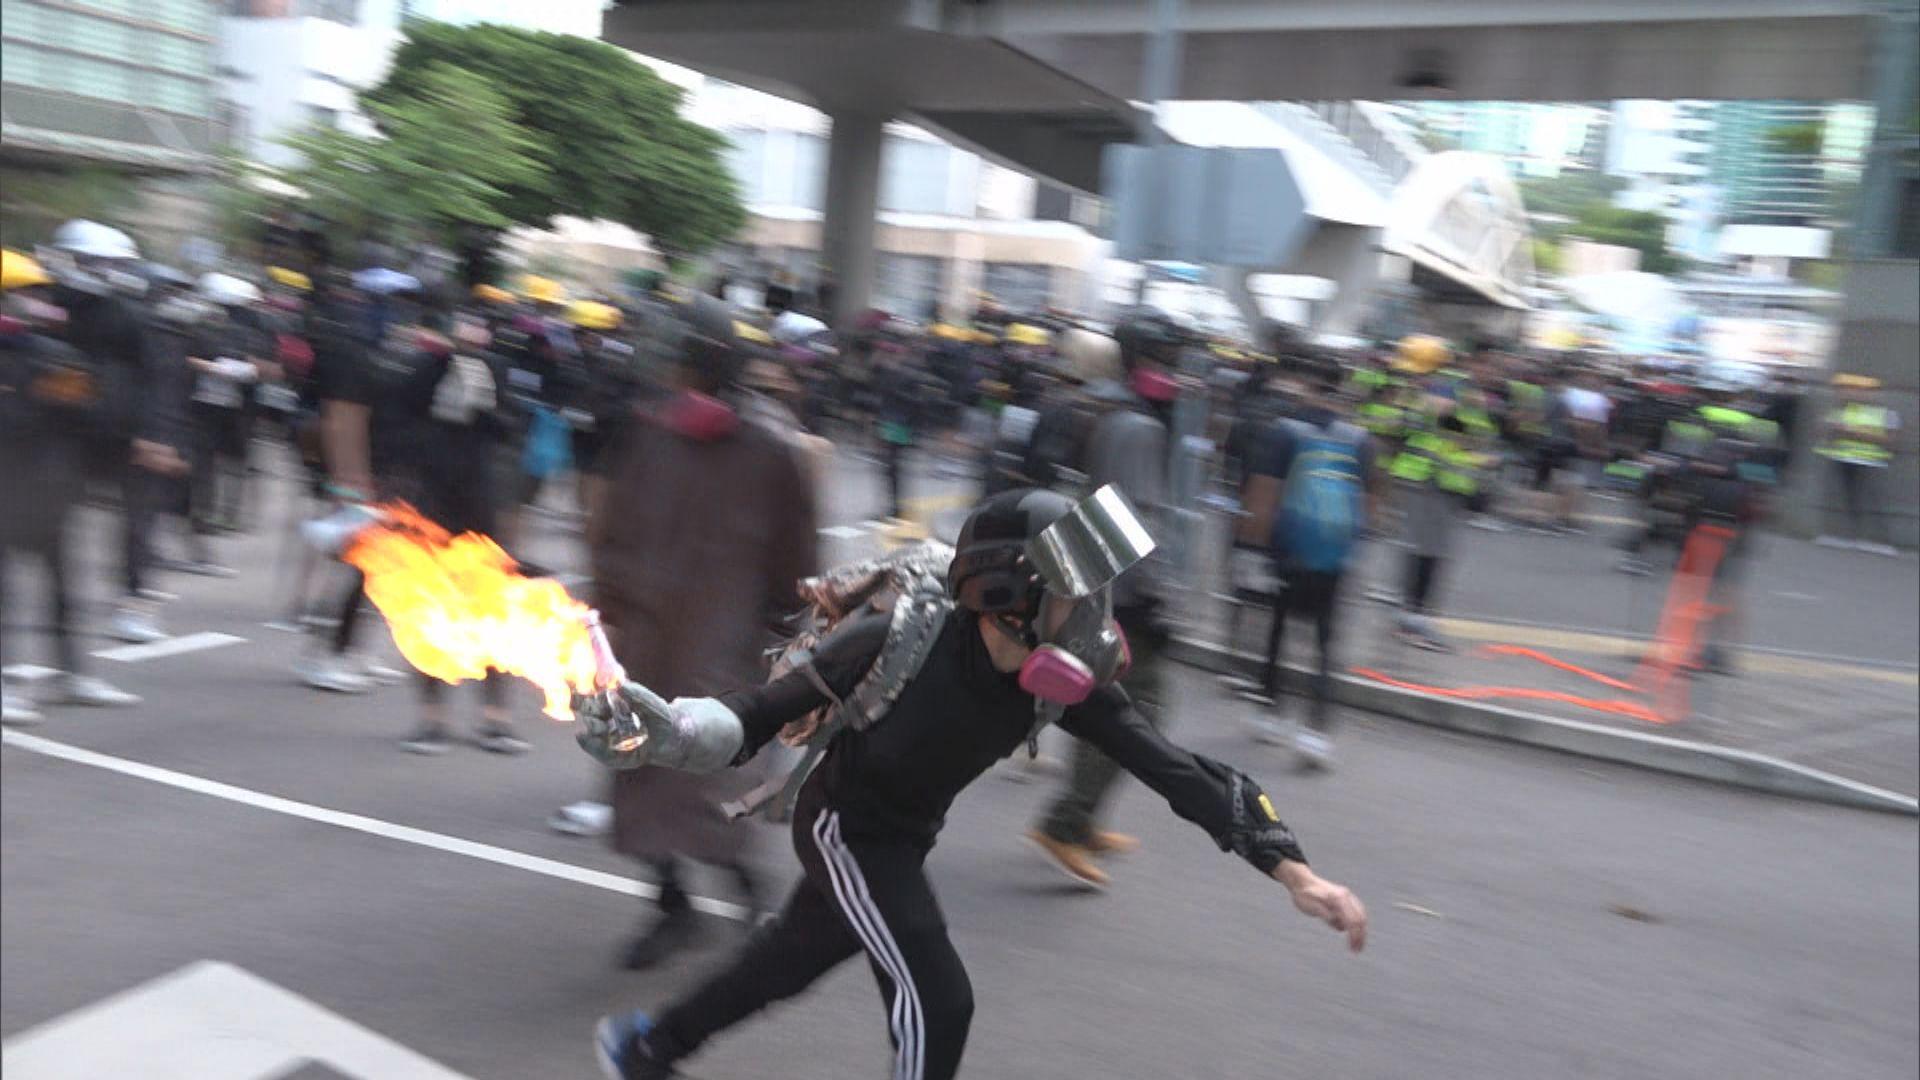 警方指示威者擲汽油彈 交通警曾拔槍示警